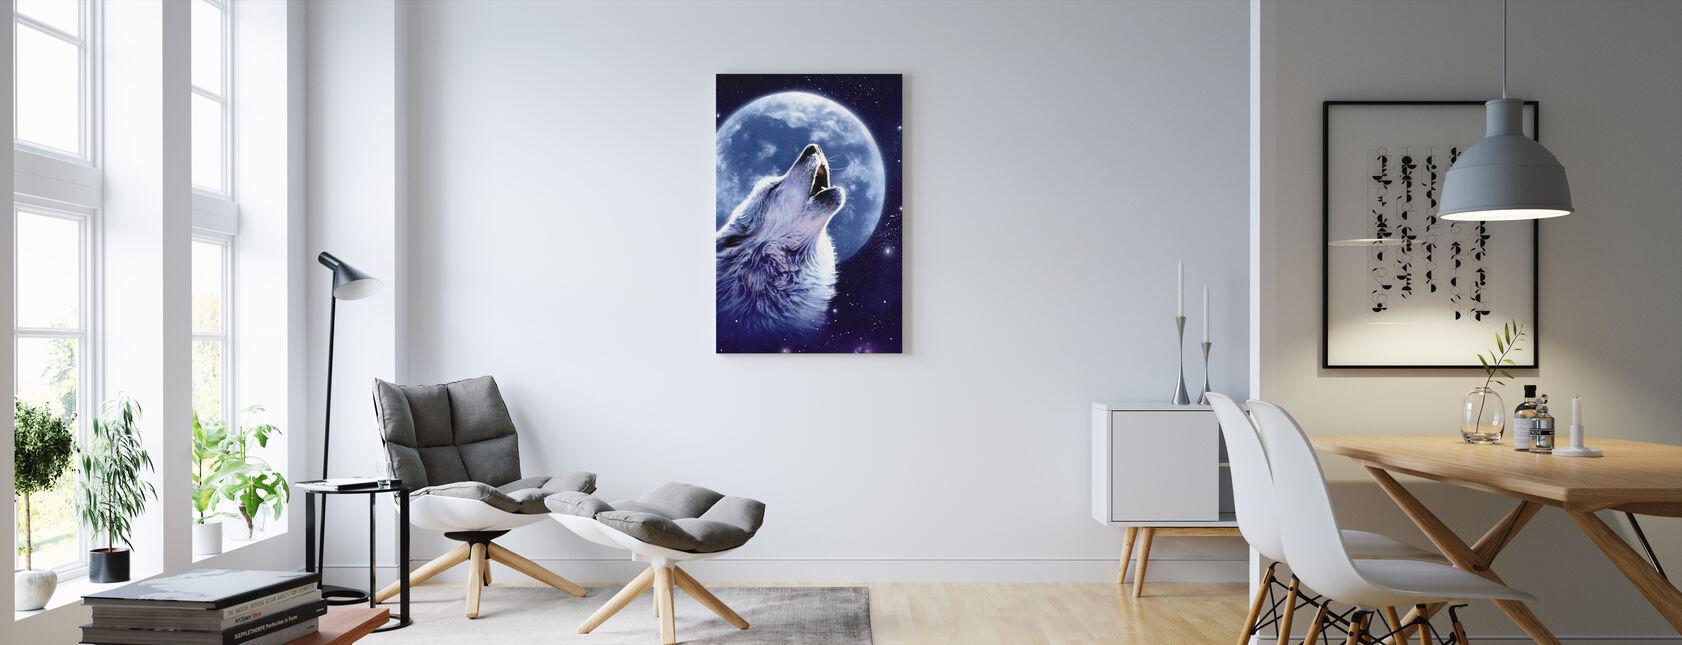 Ring av vilda - Wolf - Canvastavla - Vardagsrum